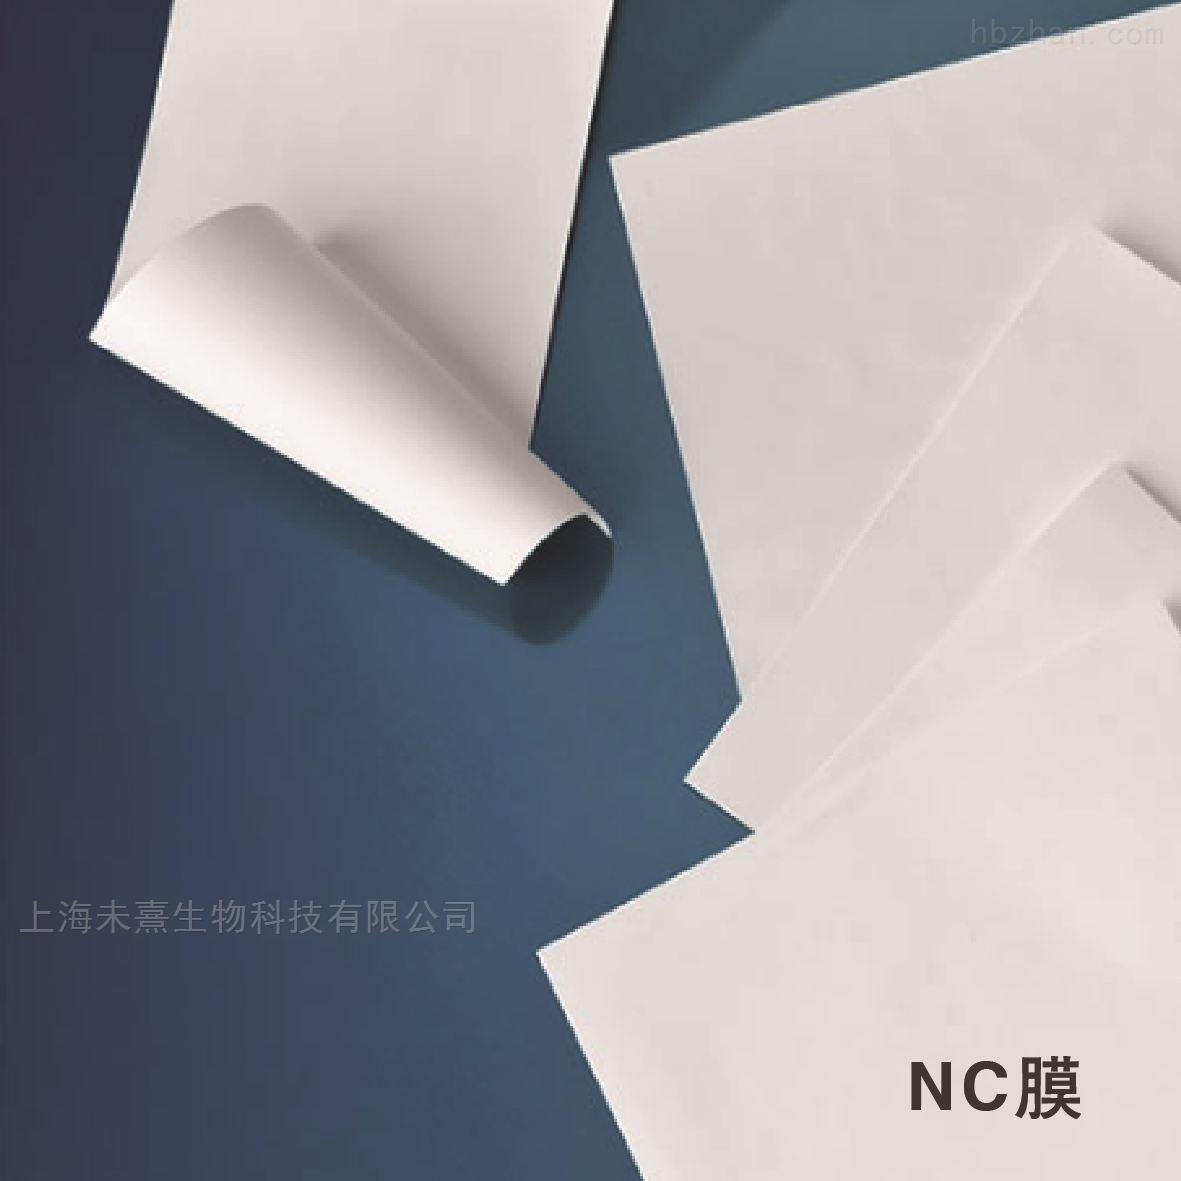 GVS 硝酸纤维素膜 NC膜孔径0.45um